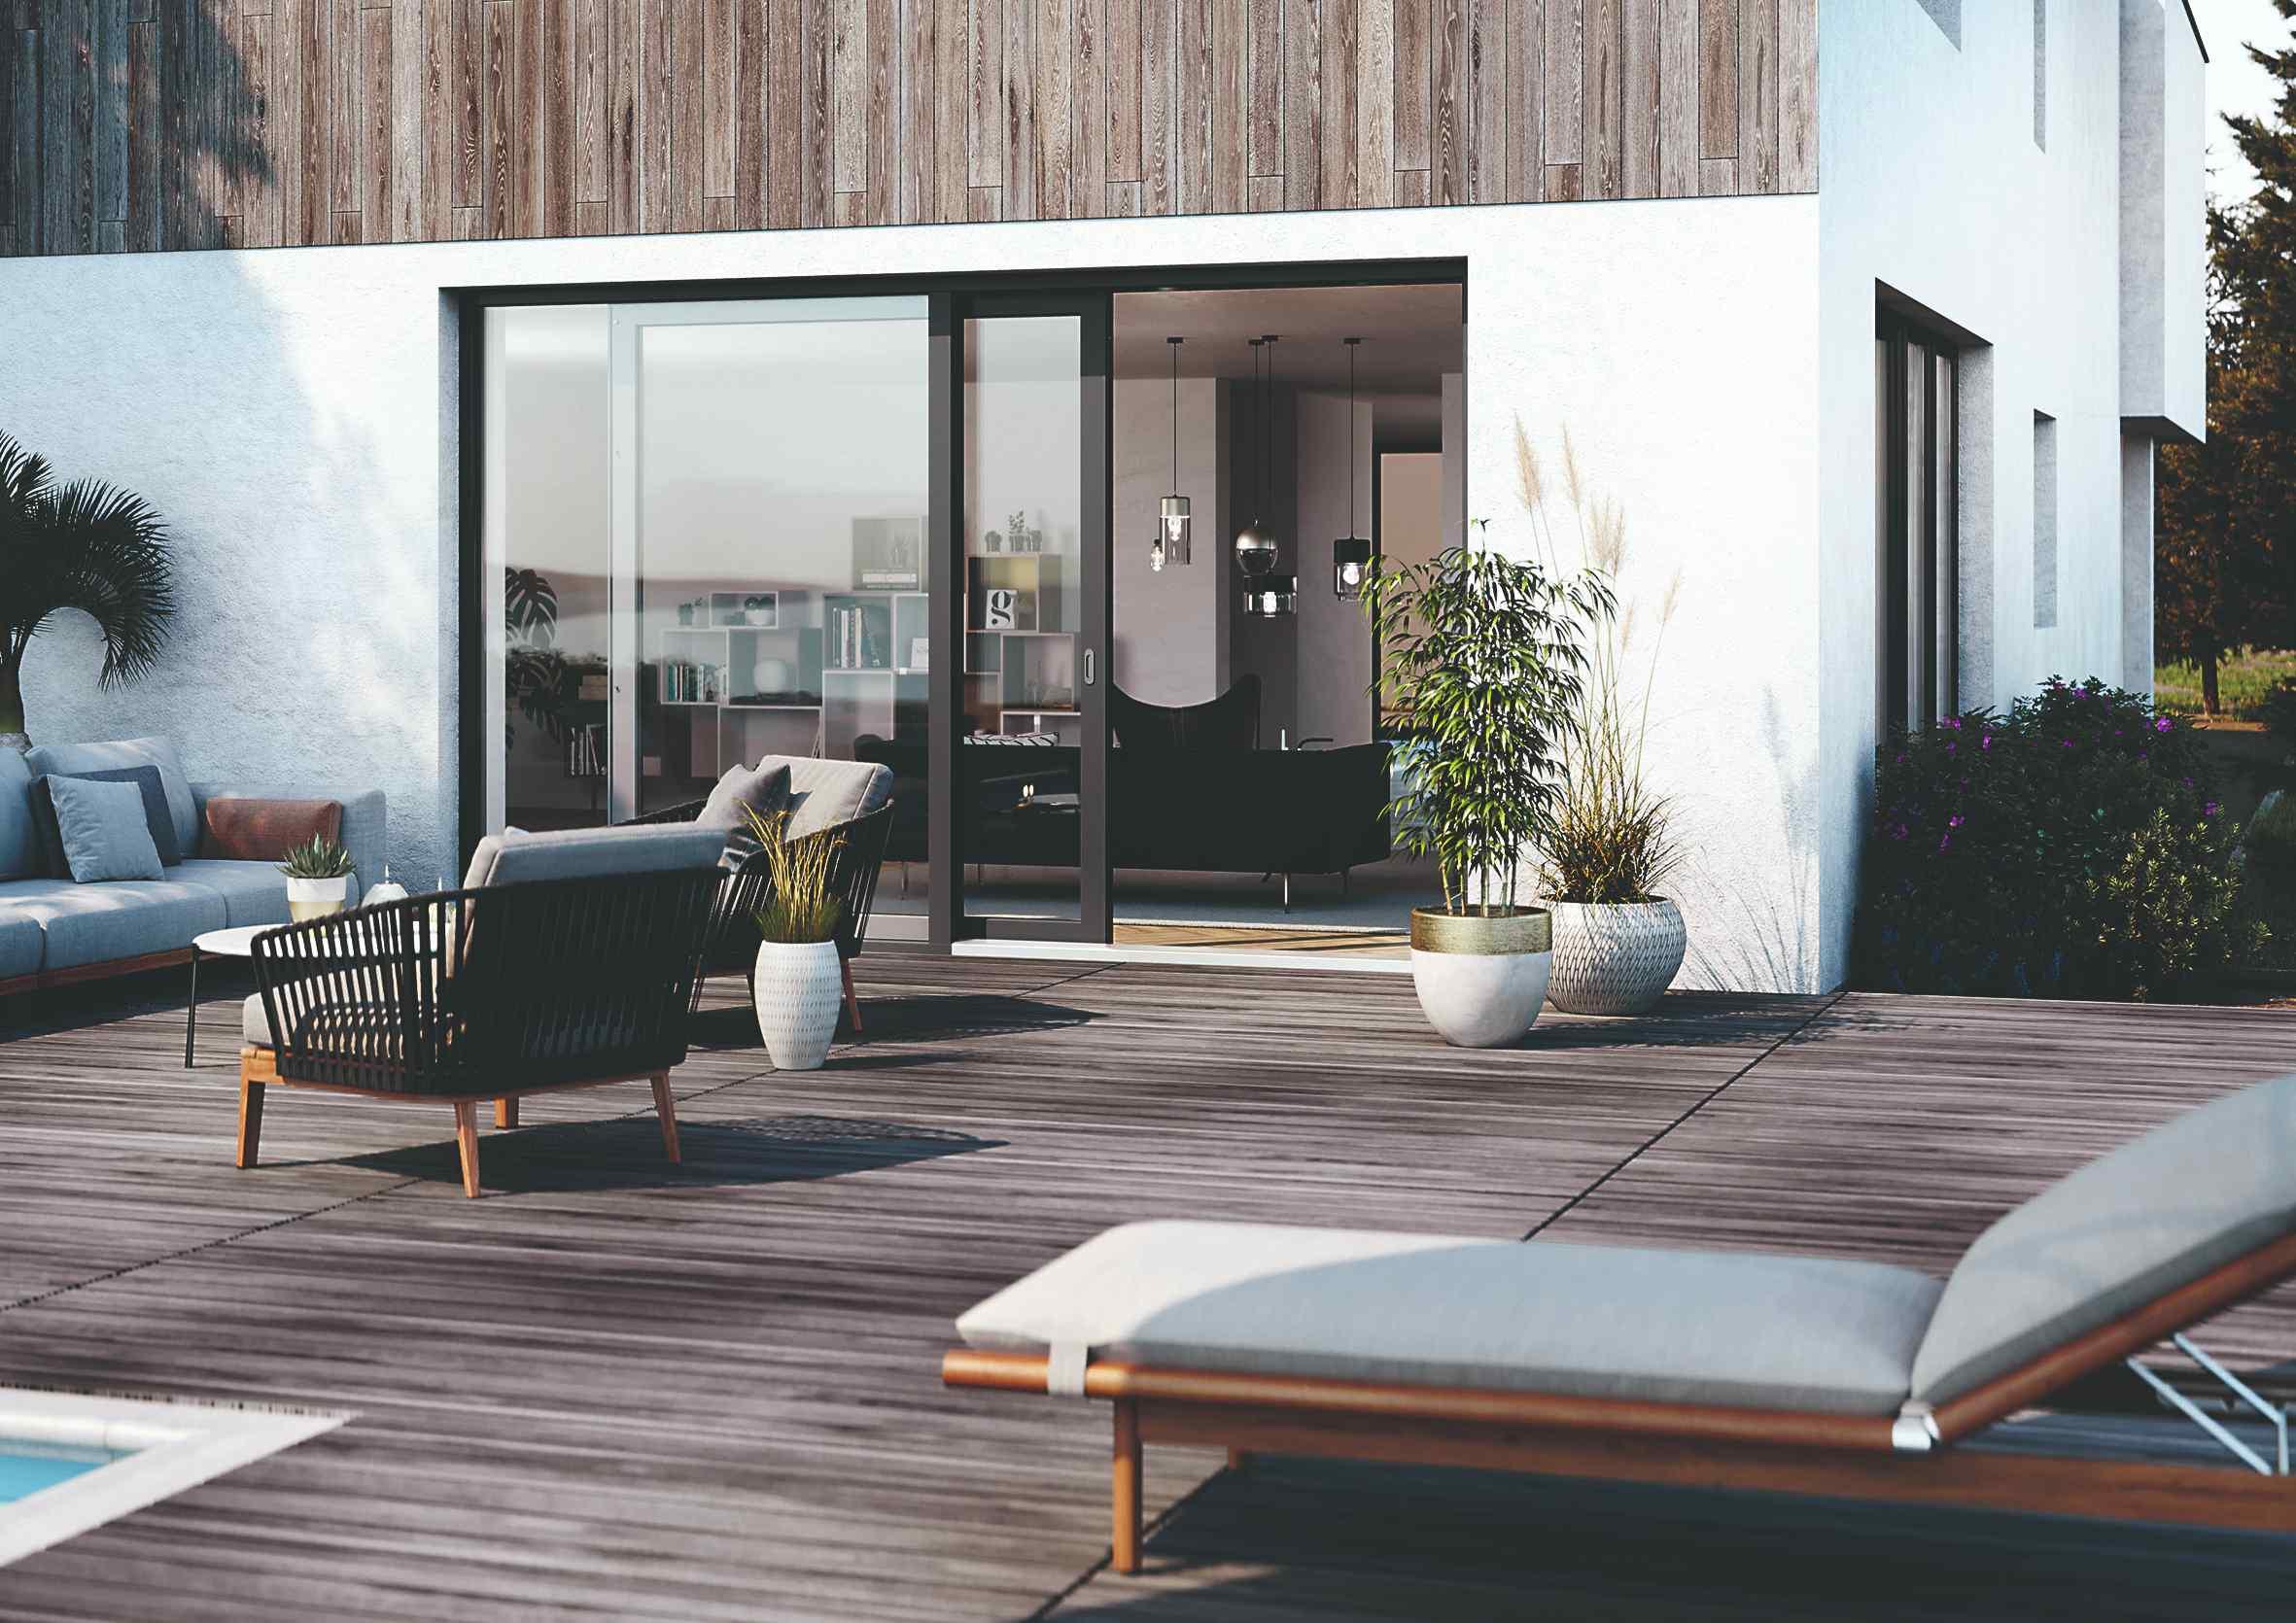 Veľké presklenné dvere na drevenú terasu